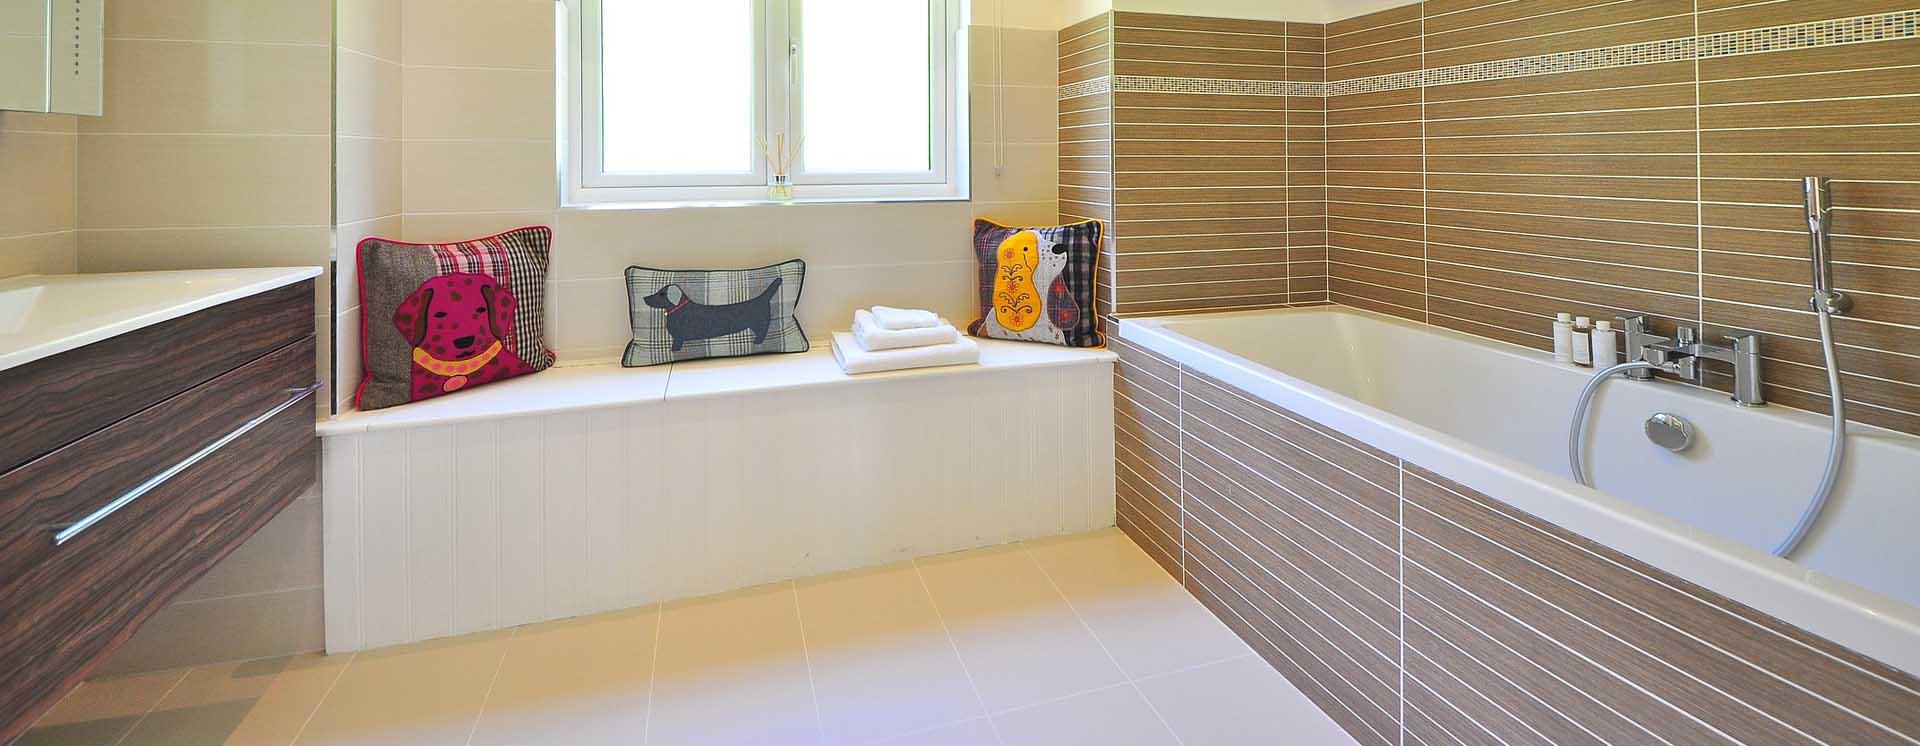 Baños diseño